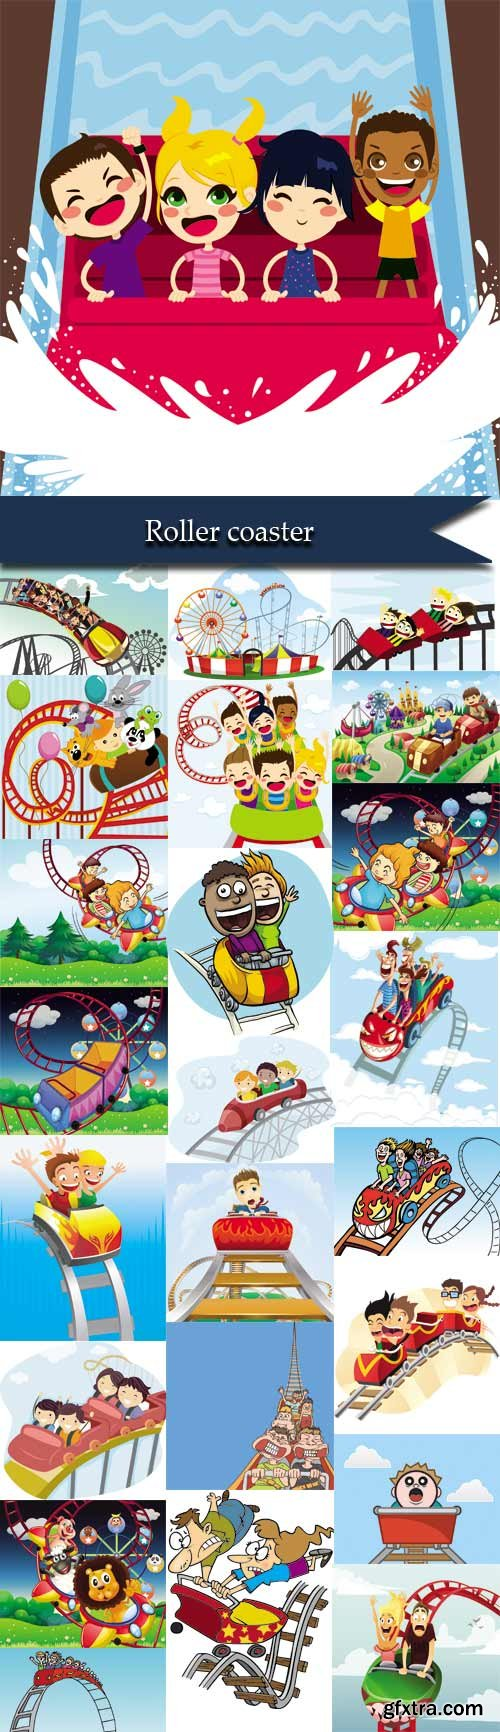 Cartoons children on a roller coaster